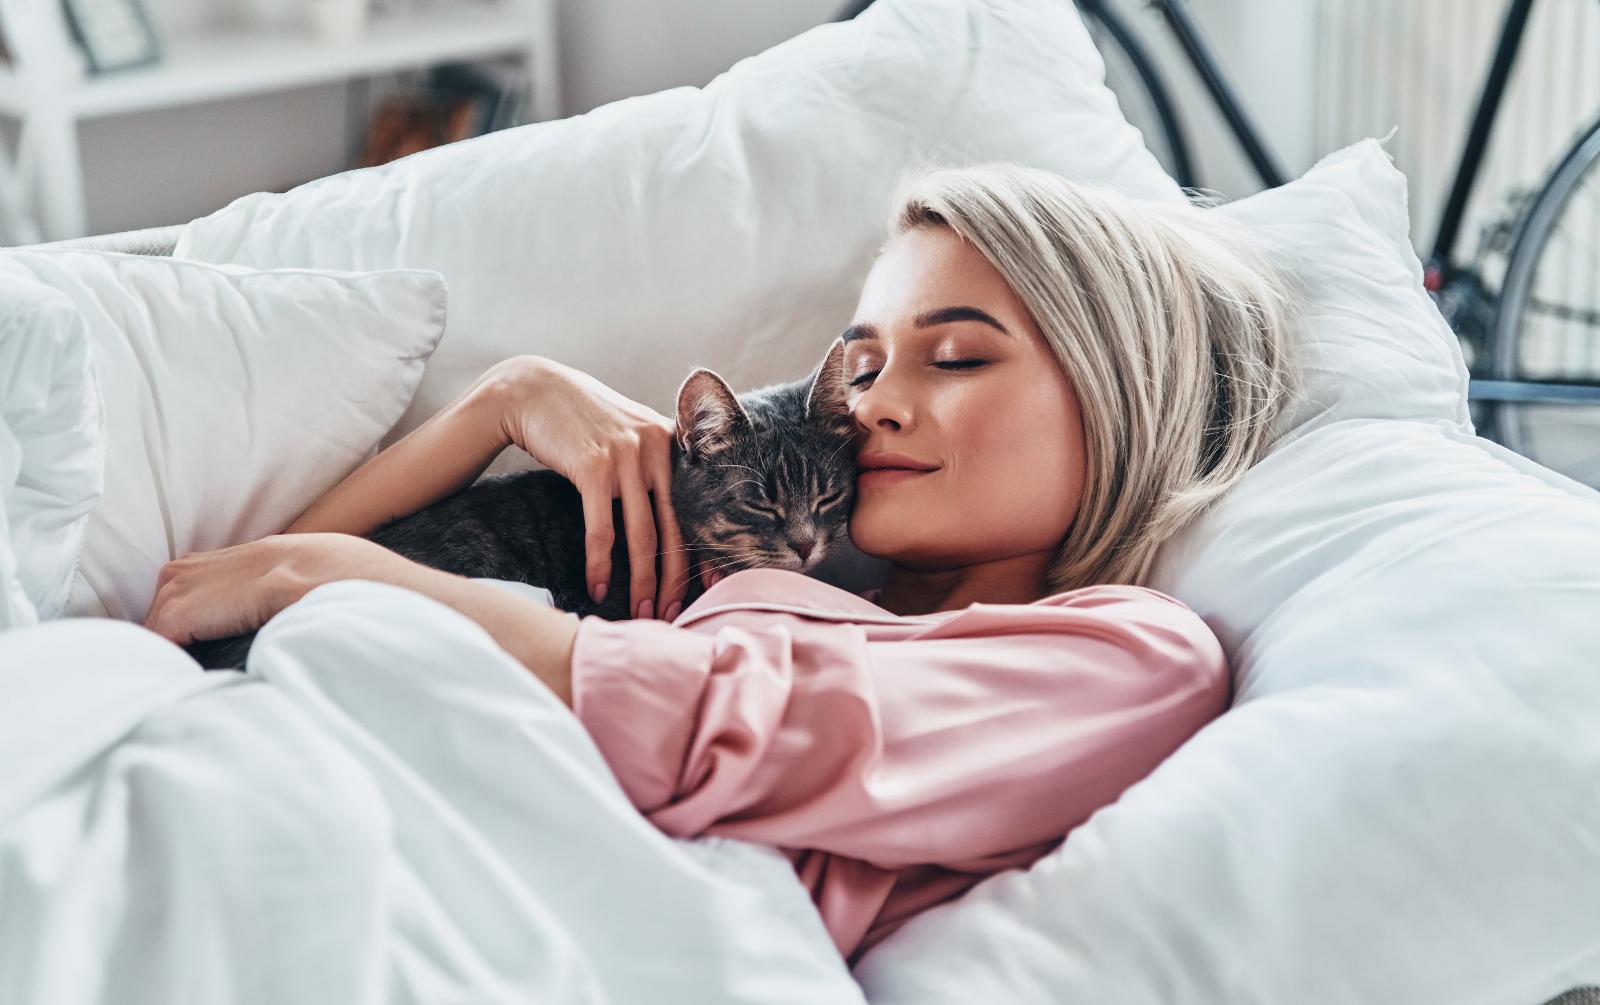 Mi gato y yo: percepciones y vínculo con nuestros gatos